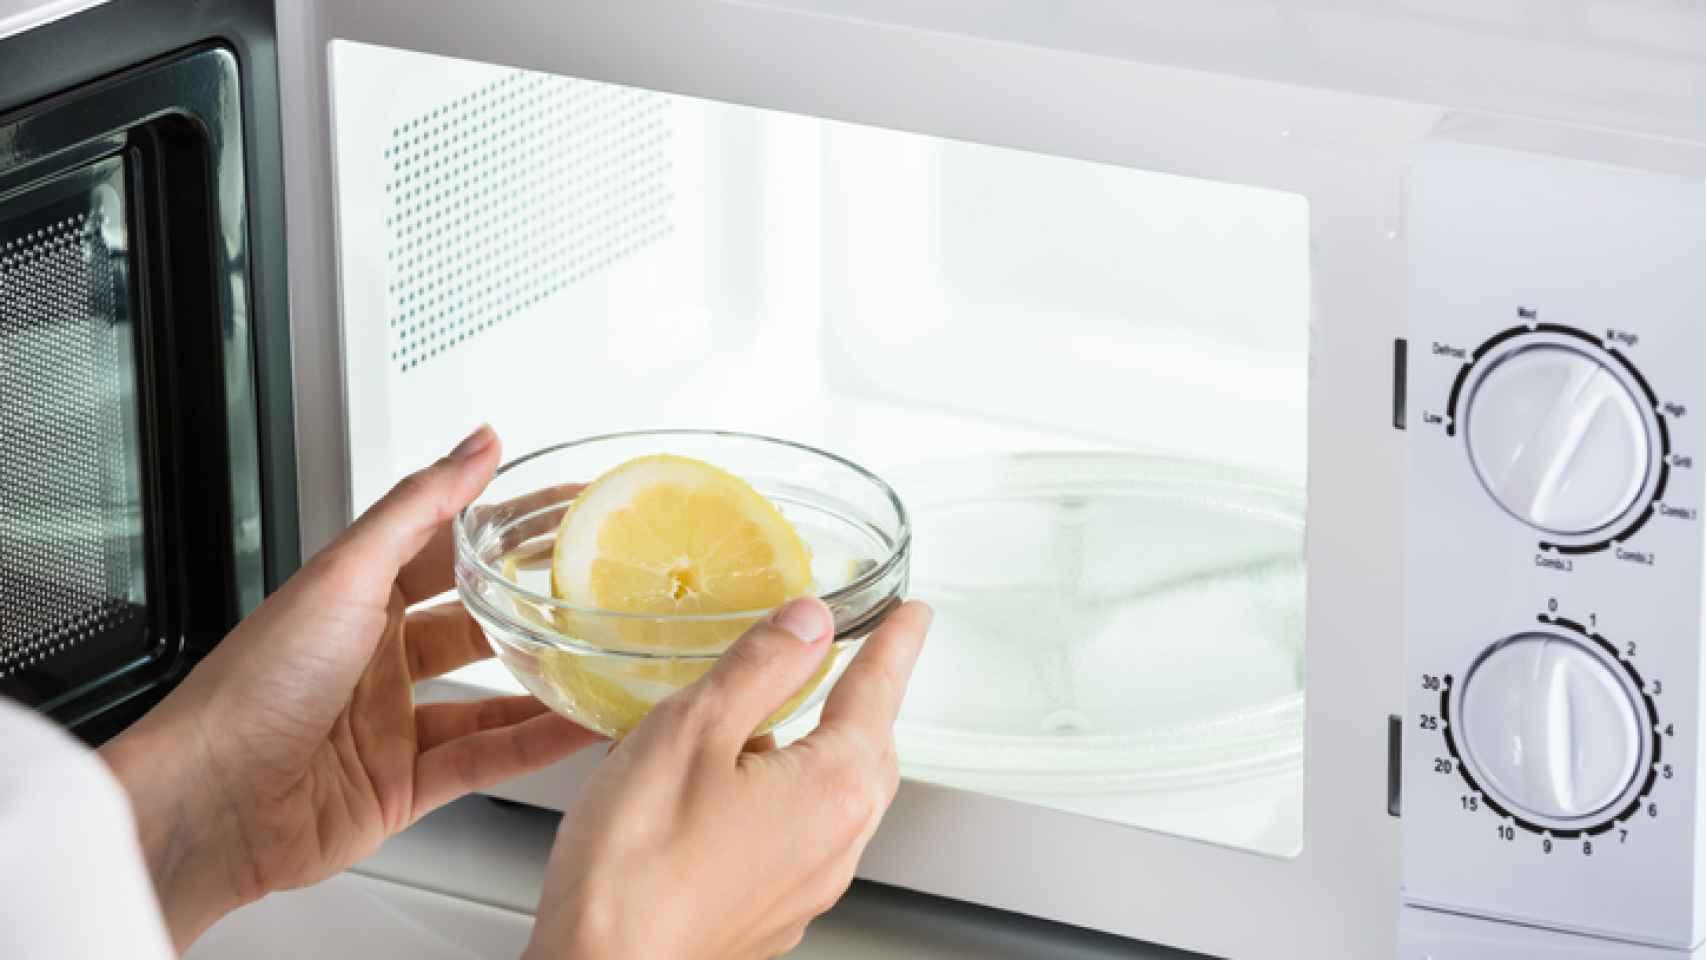 Cómo Limpiar El Microondas Con Limón En Un Minuto Quedará Impecable